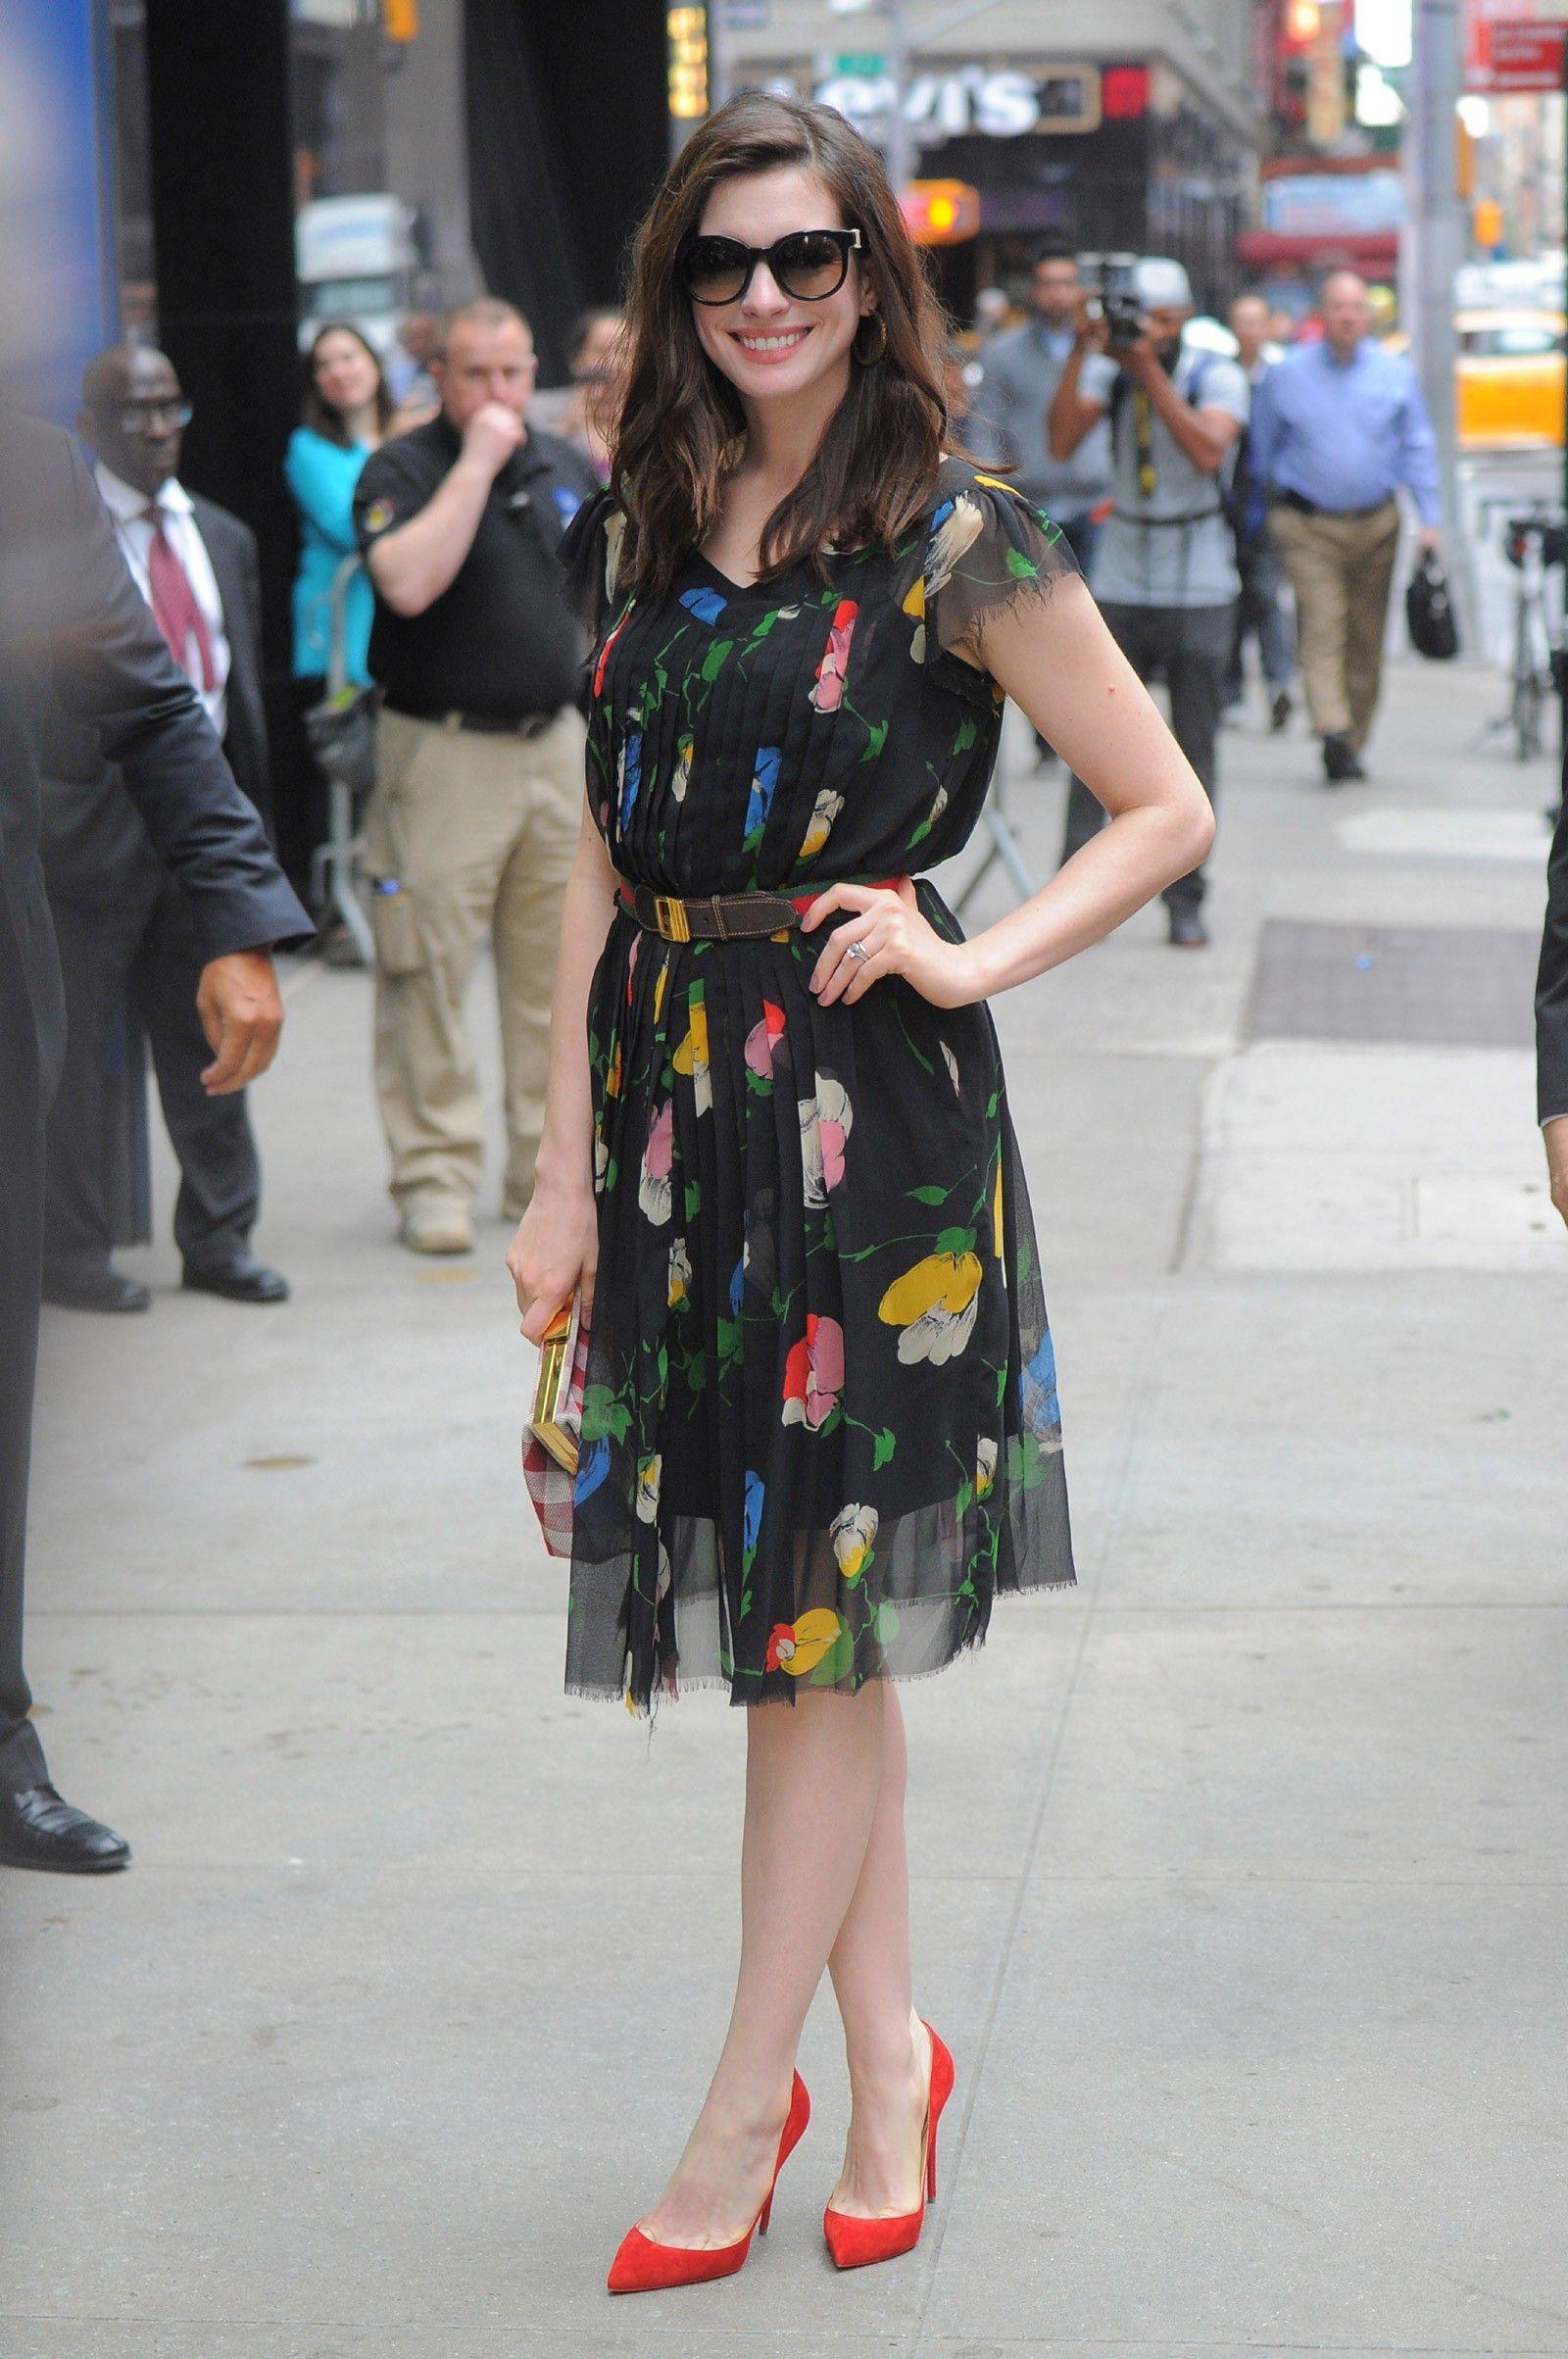 Anne Hathaway Causa Furor Fashion Com Vestido De R 46 En 2020